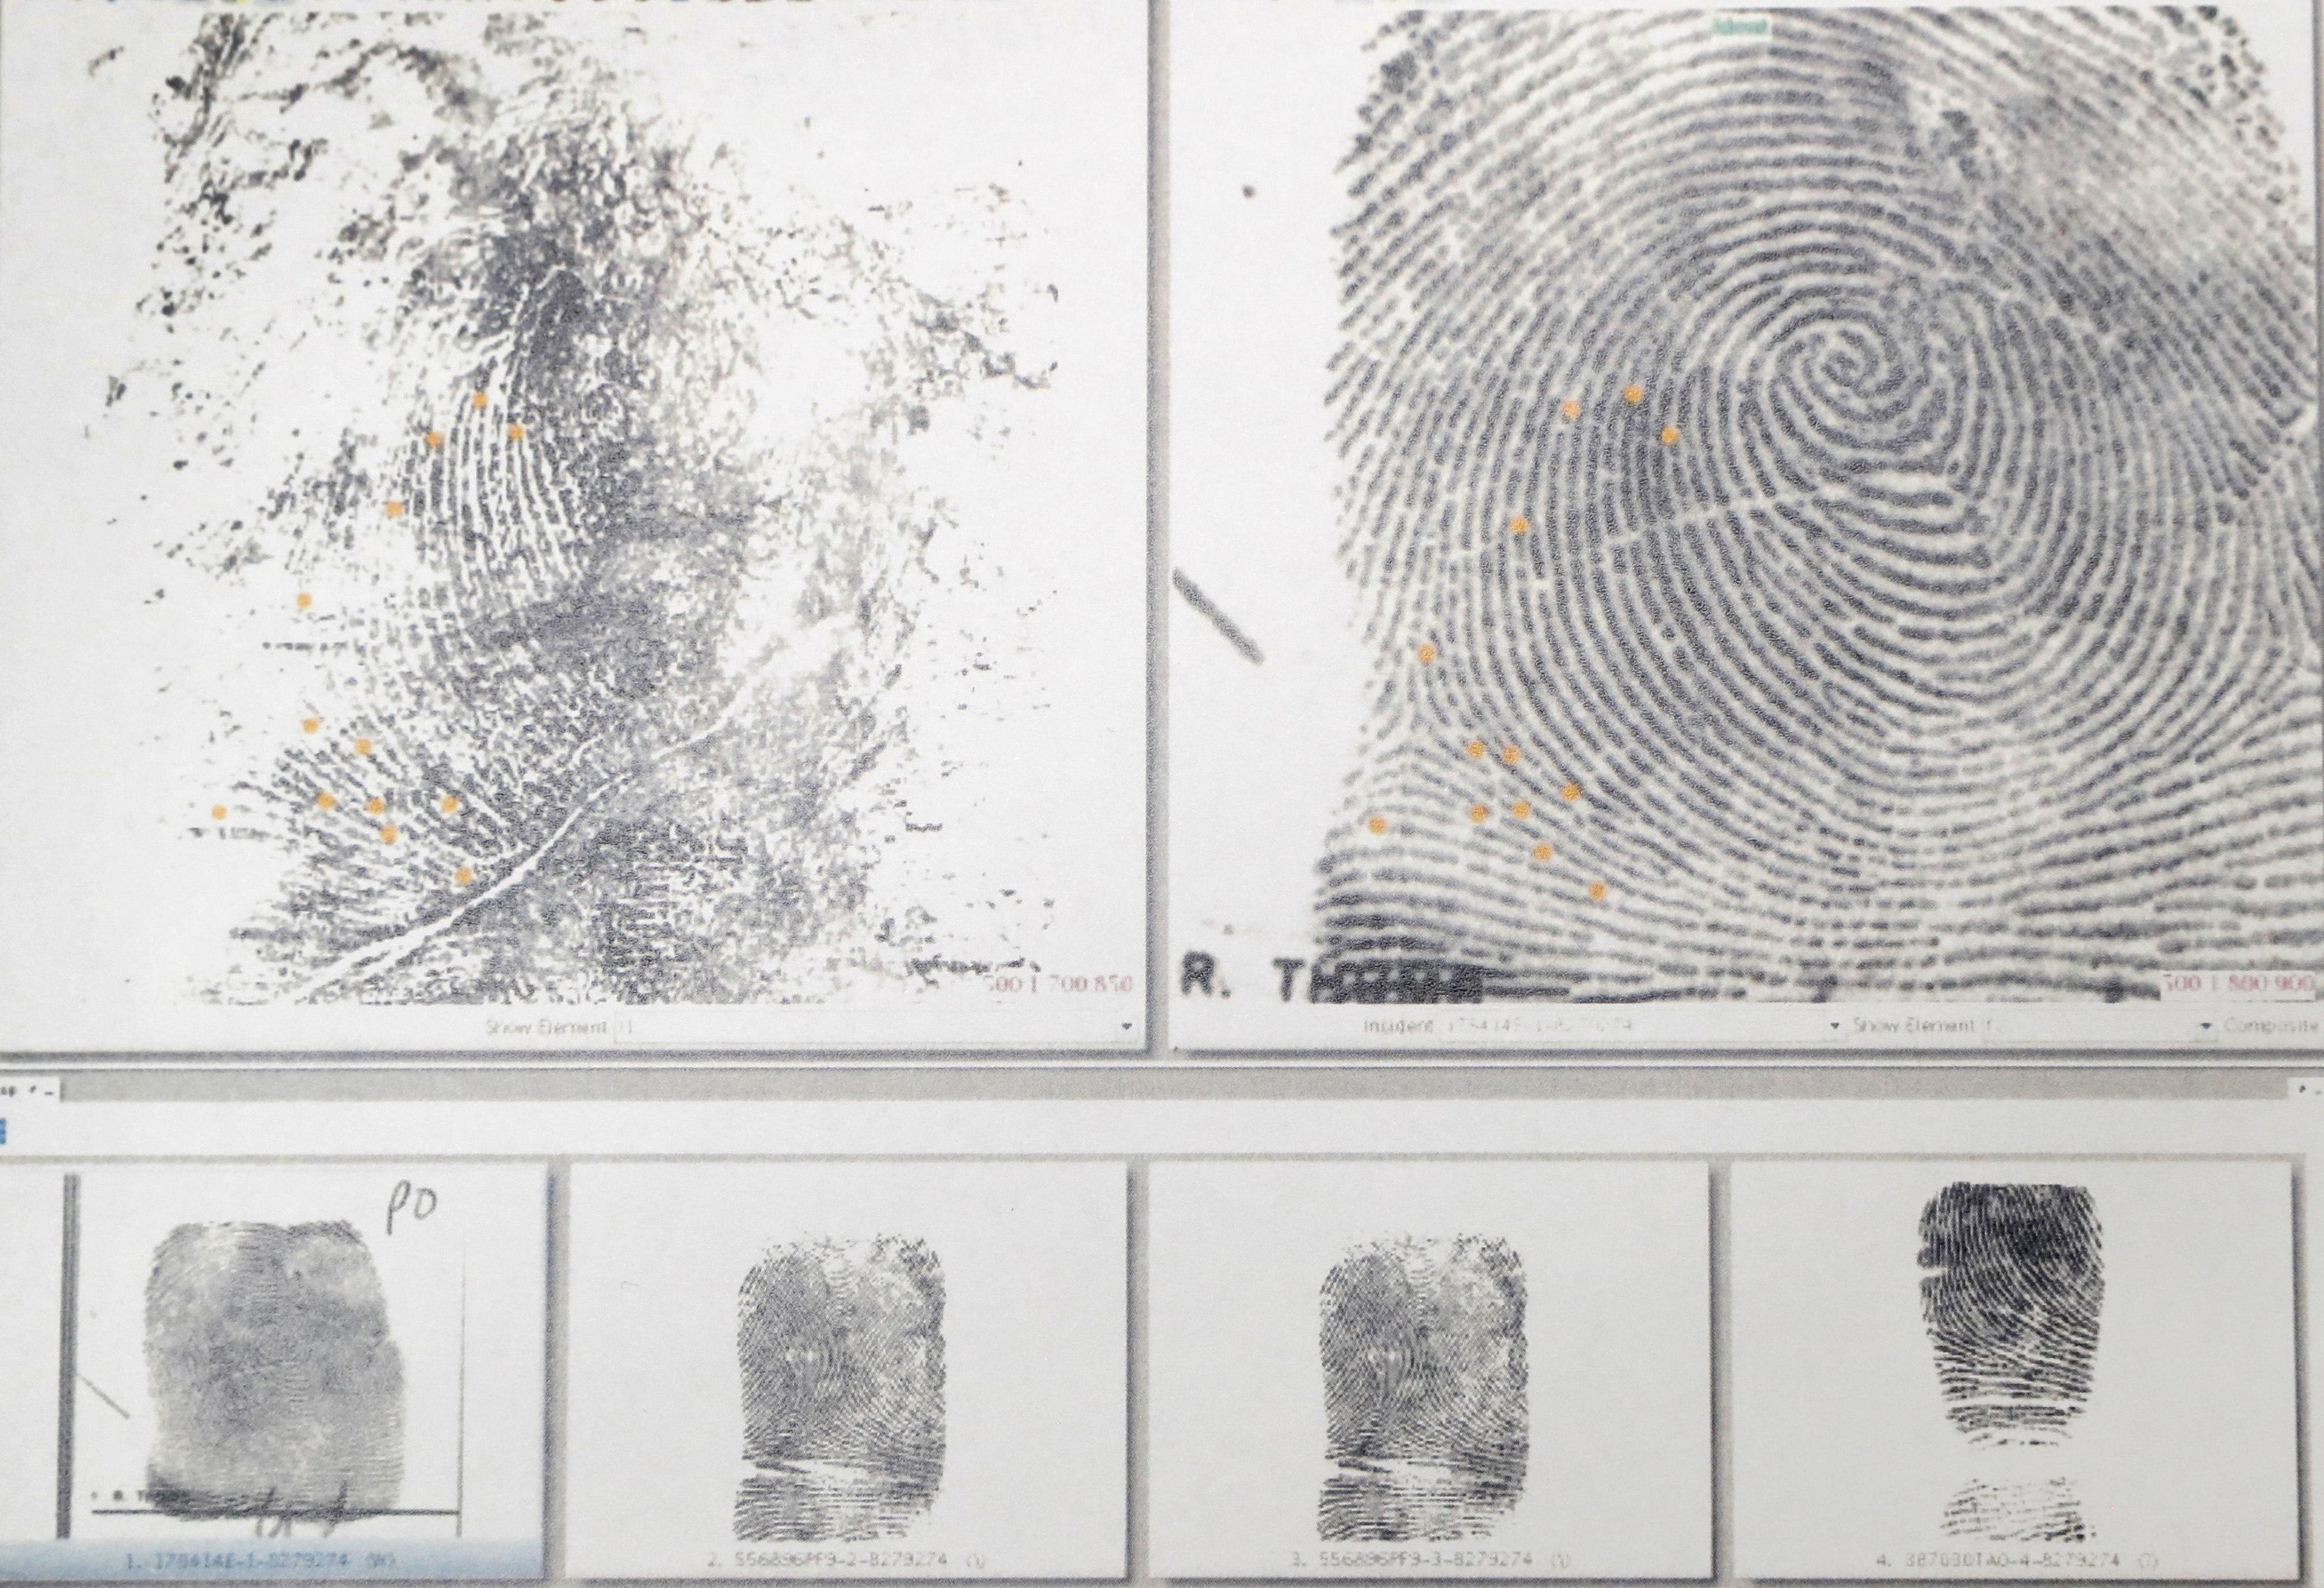 FINGERAVTRYKK: Hvert fingeravtrykk er unikt, men det inneholder også informasjon om personen som avsatte det.